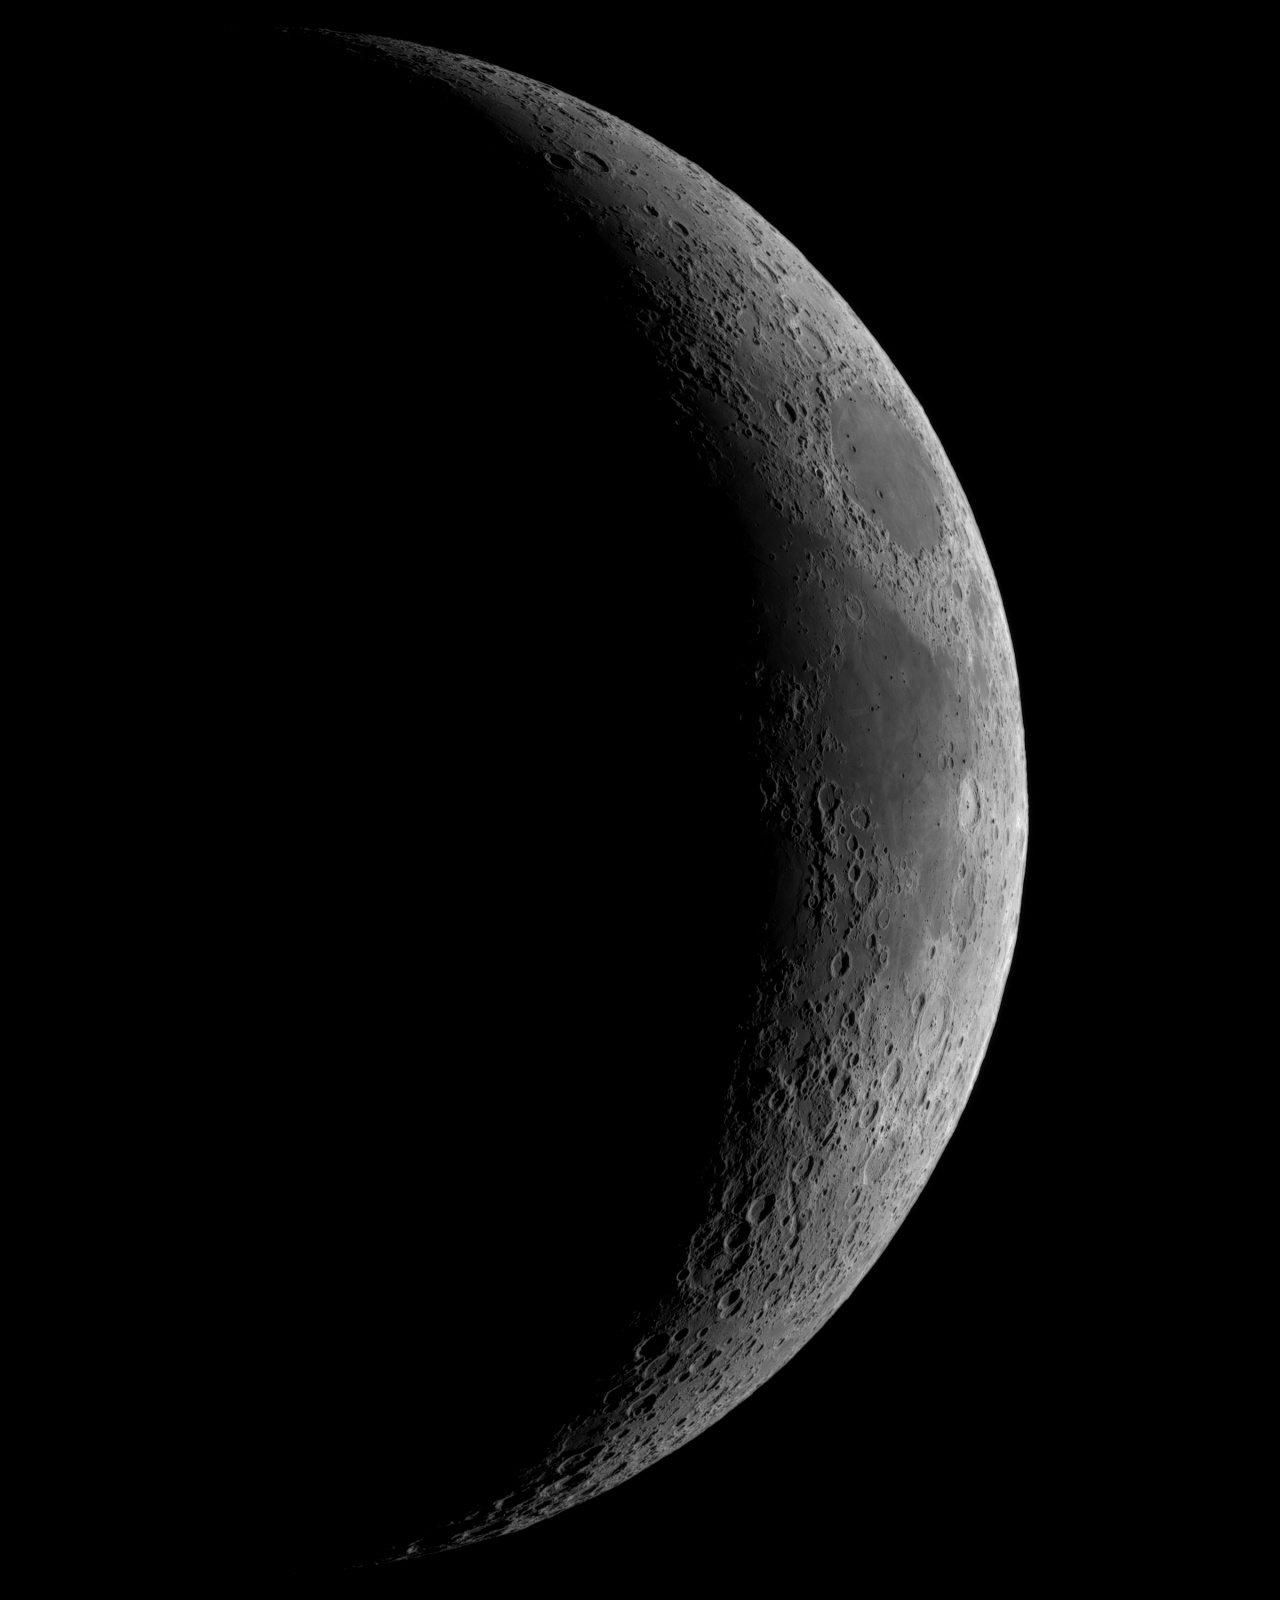 Księżyc 4d8h  14.06.2021r_TS152F900_ASI290MM_Omegon Halpha 12nm_mozaika105%....jpg